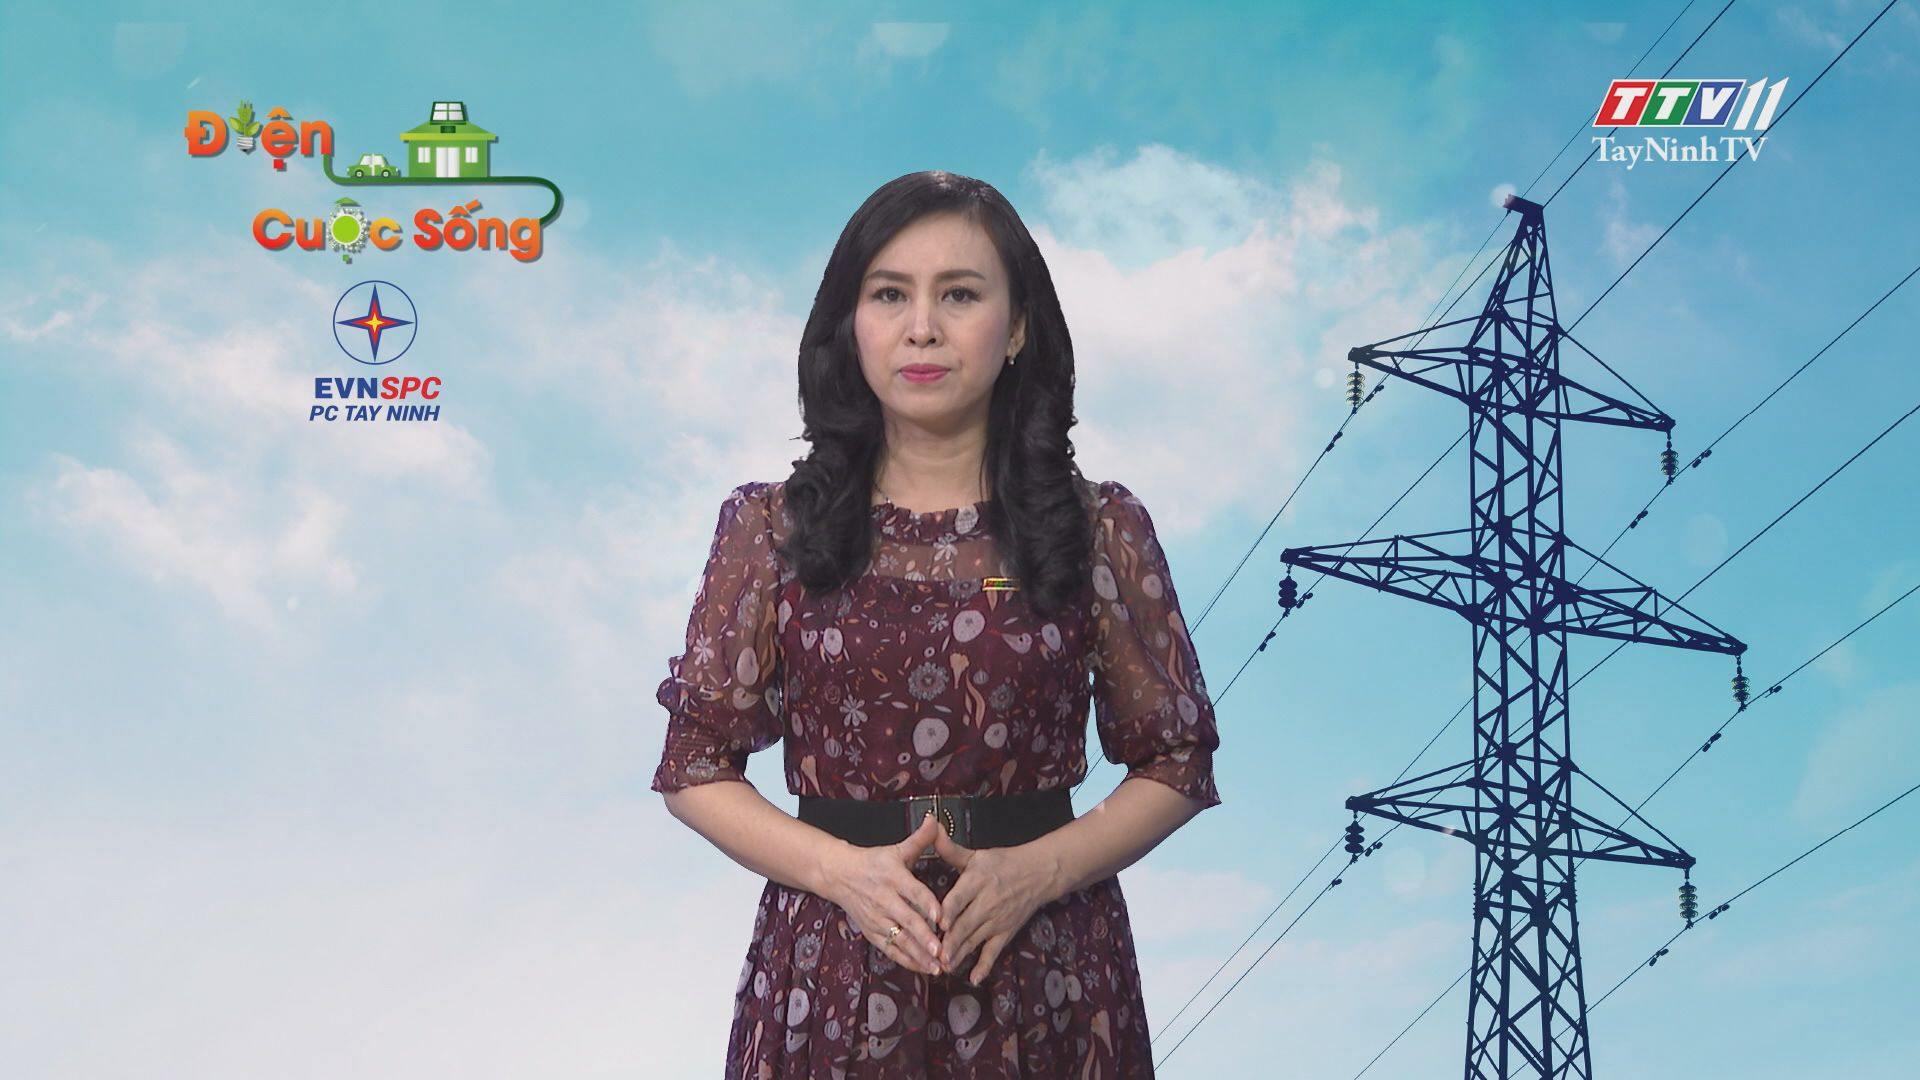 Tiết kiệm điện - Mang lợi ích cho mọi người | ĐIỆN VÀ CUỘC SỐNG | TayNinhTV